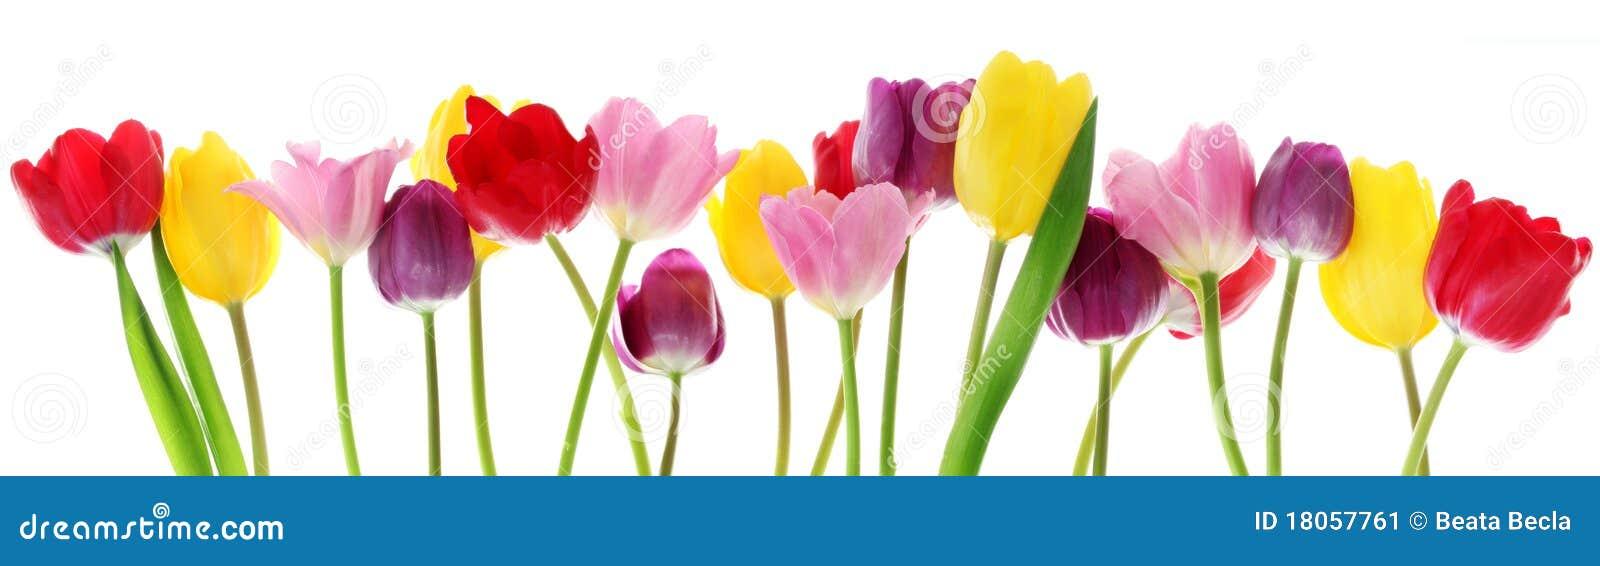 Frühlingstulpeblumen in einer Reihe